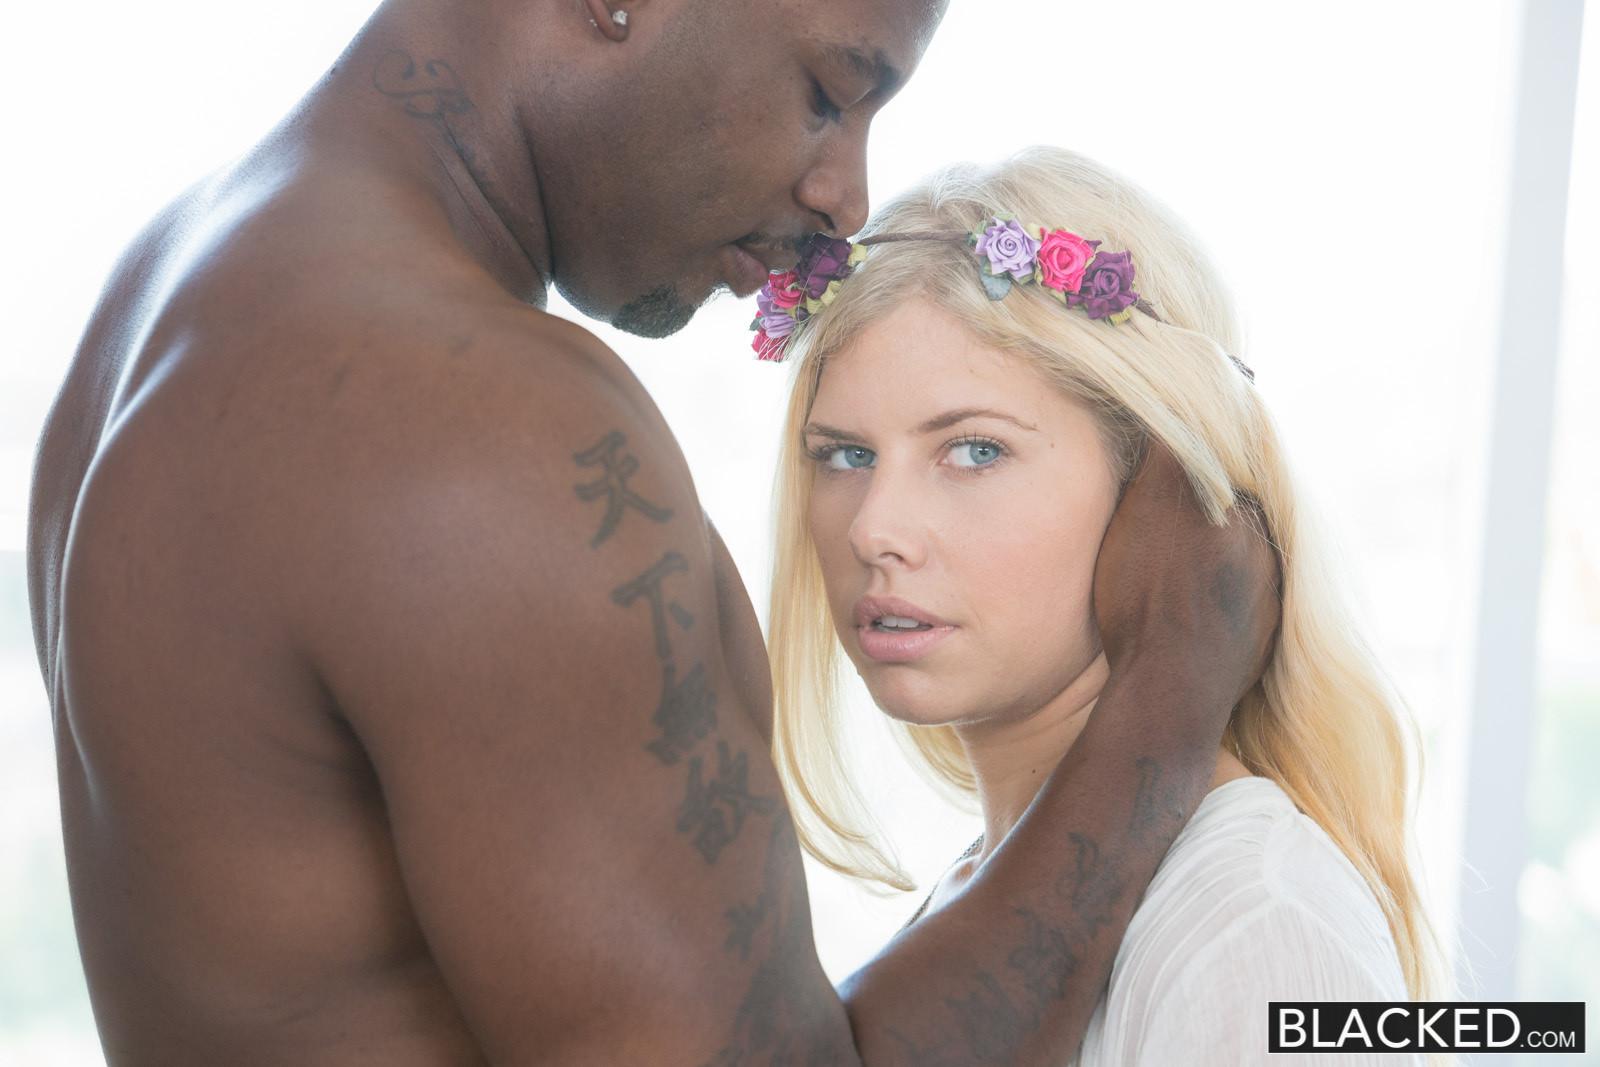 Негр воткнул хуй в красивую блонду